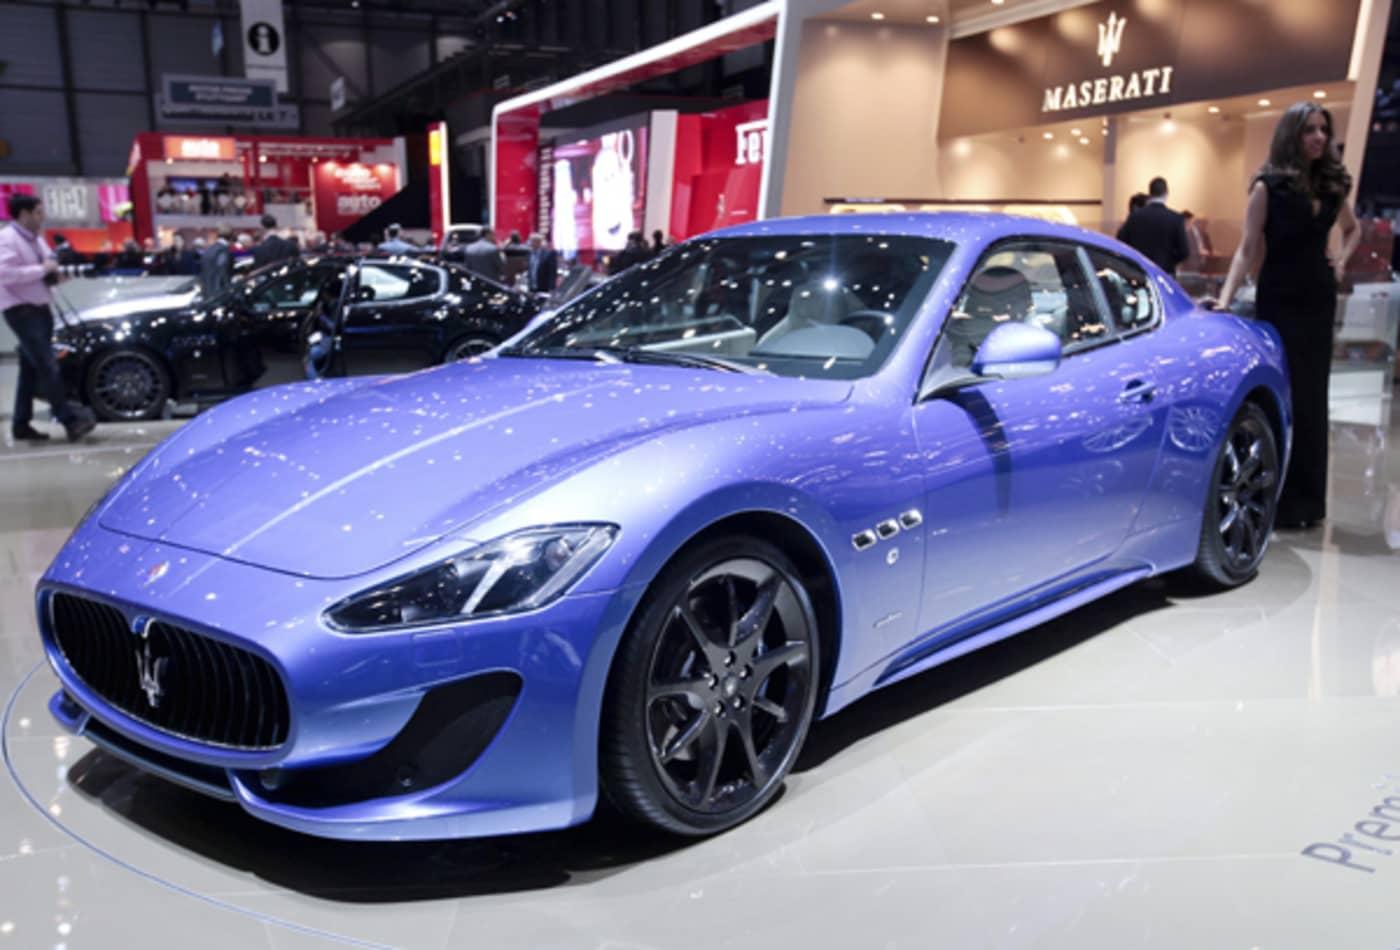 46668666 Maserati.jpg